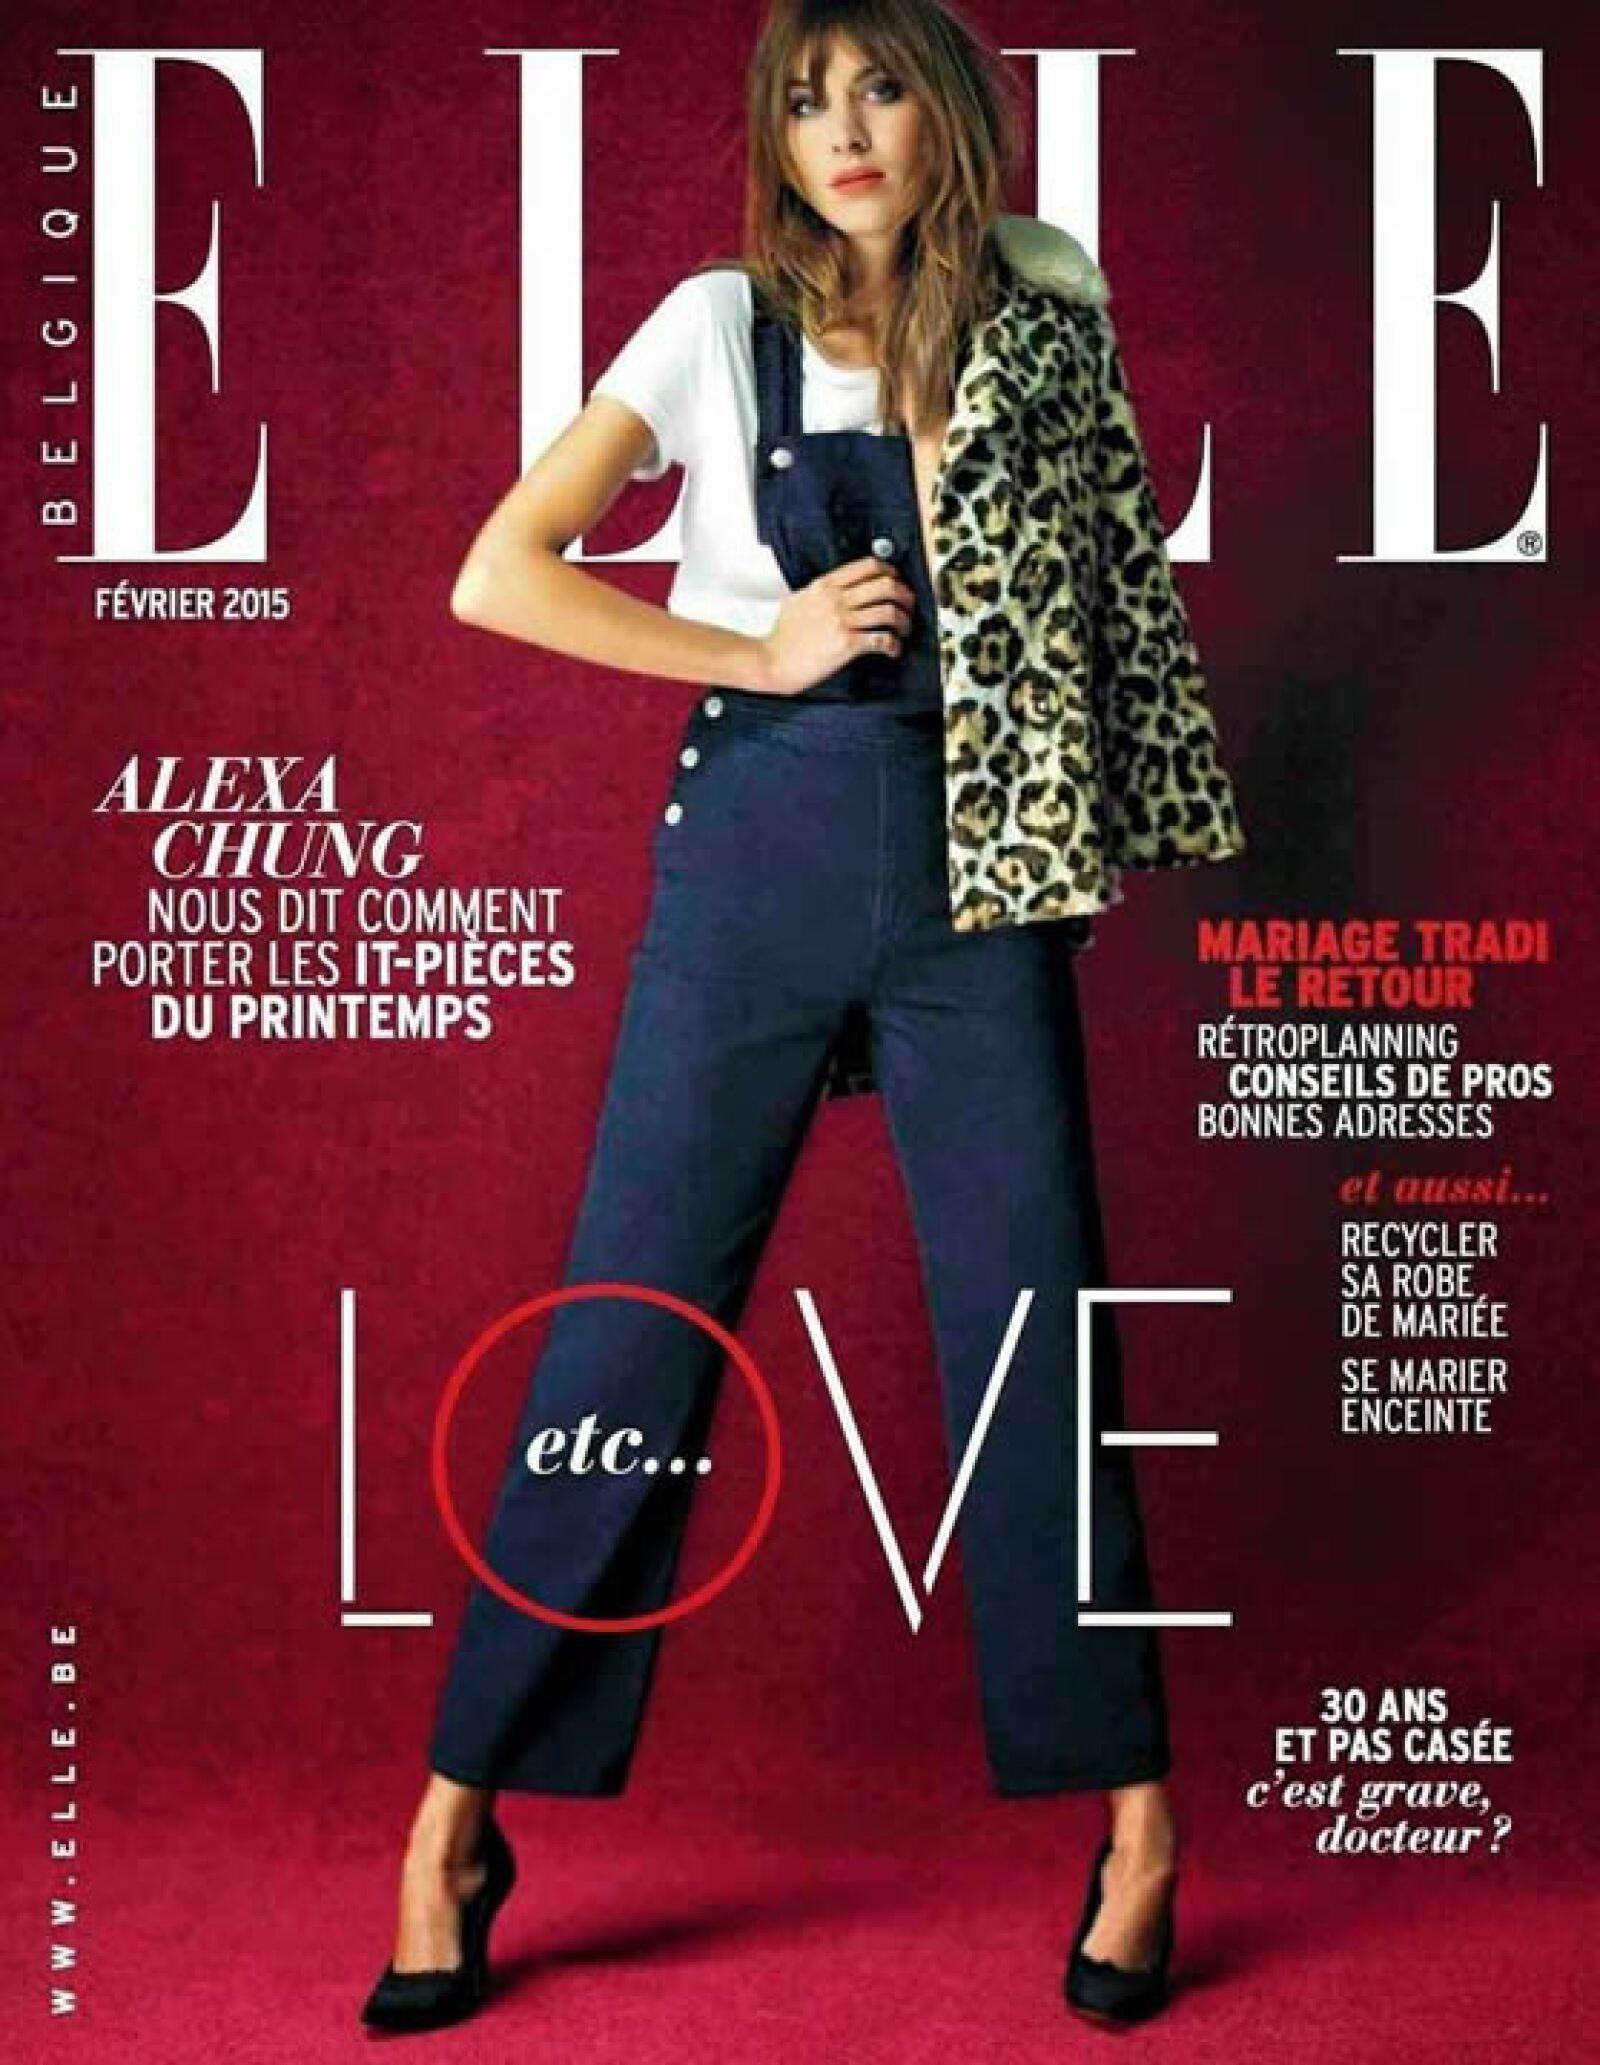 Alexa Chung impacta en la portada de ELLE Bélgica.